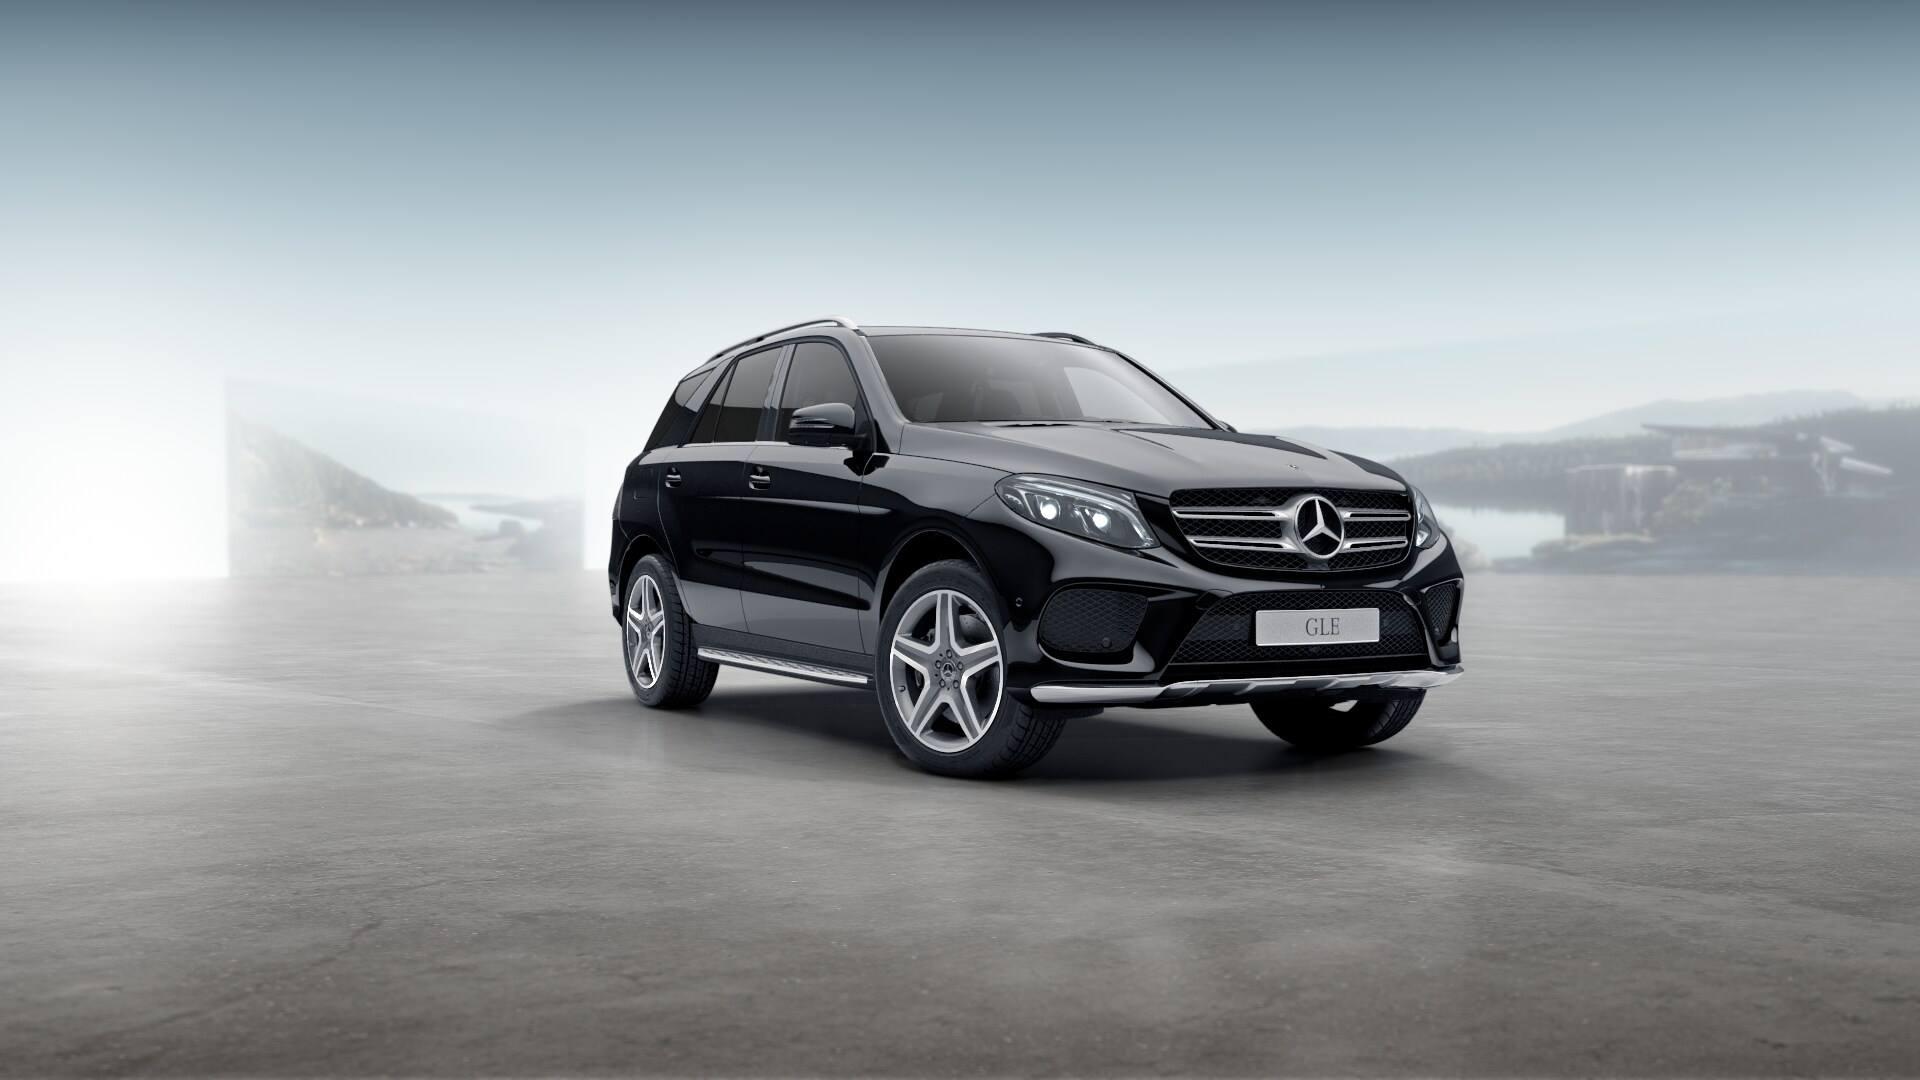 Ավանգարդ Մոթորս. աննախադեպ գնային առաջարկ՝ Mercedes-Benz GLE 400 4MATIC - 39.9 մլն դրամ